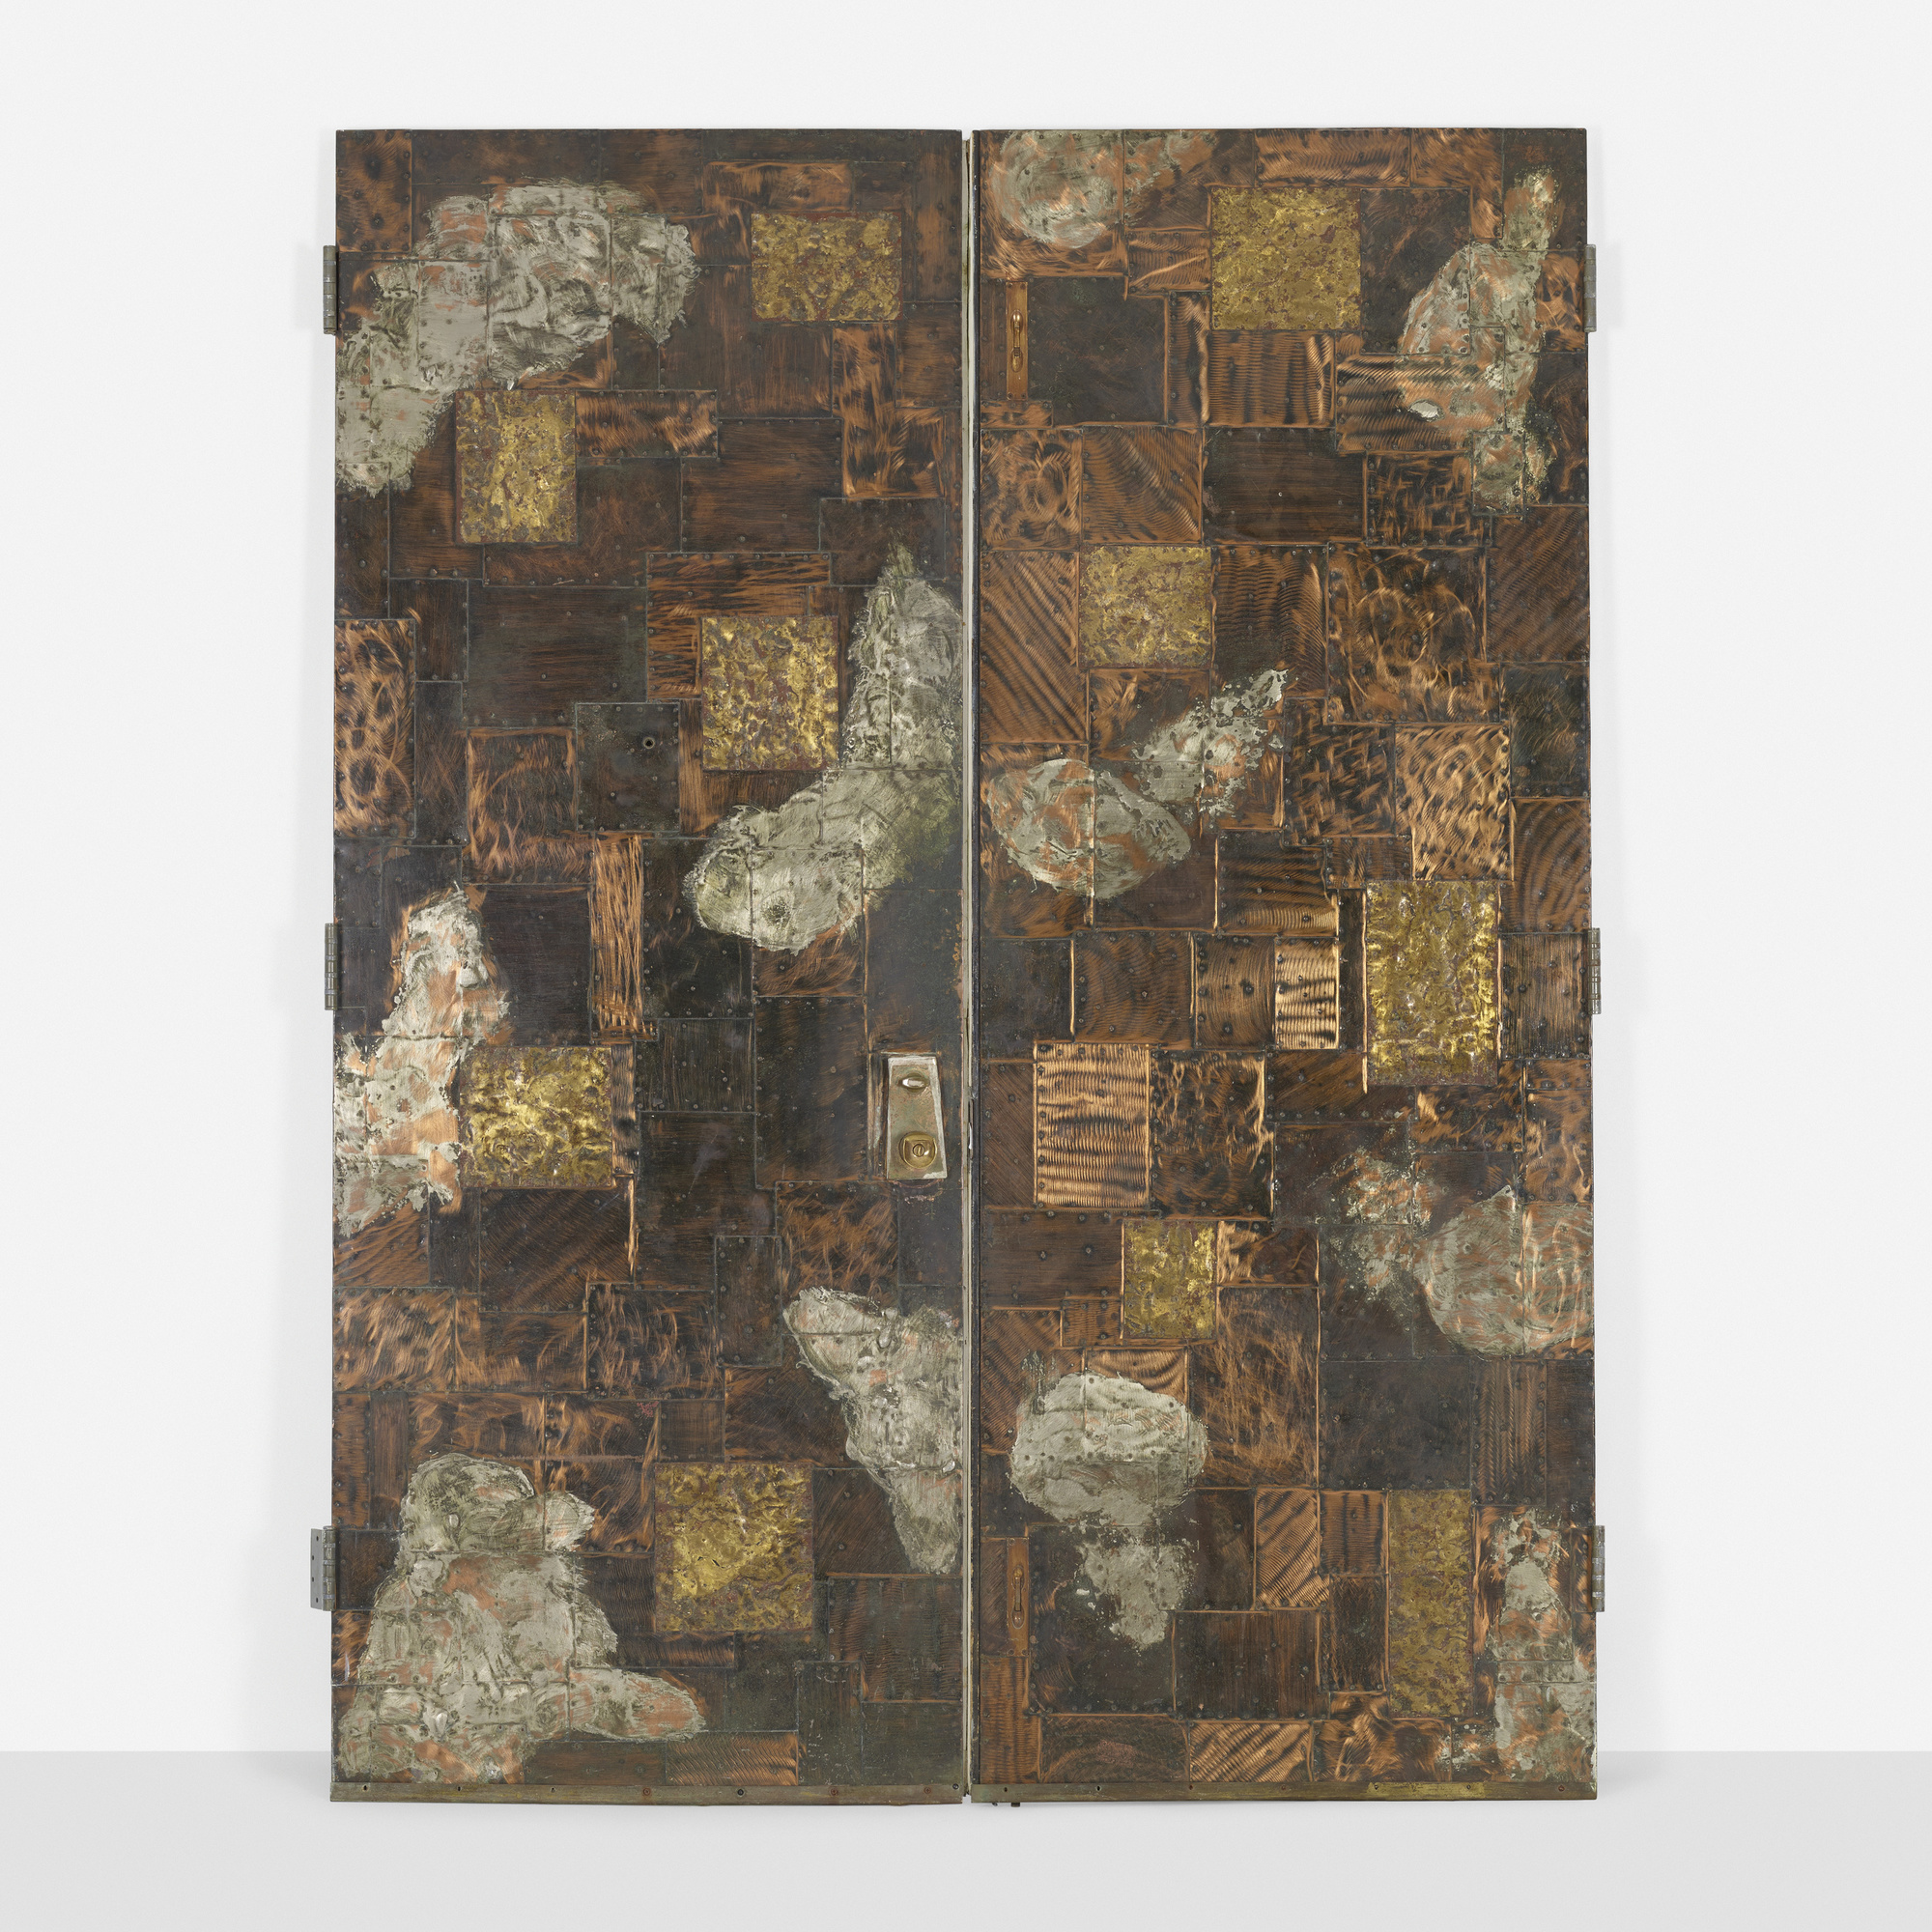 162: Paul Evans / custom doors, pair (1 of 2)